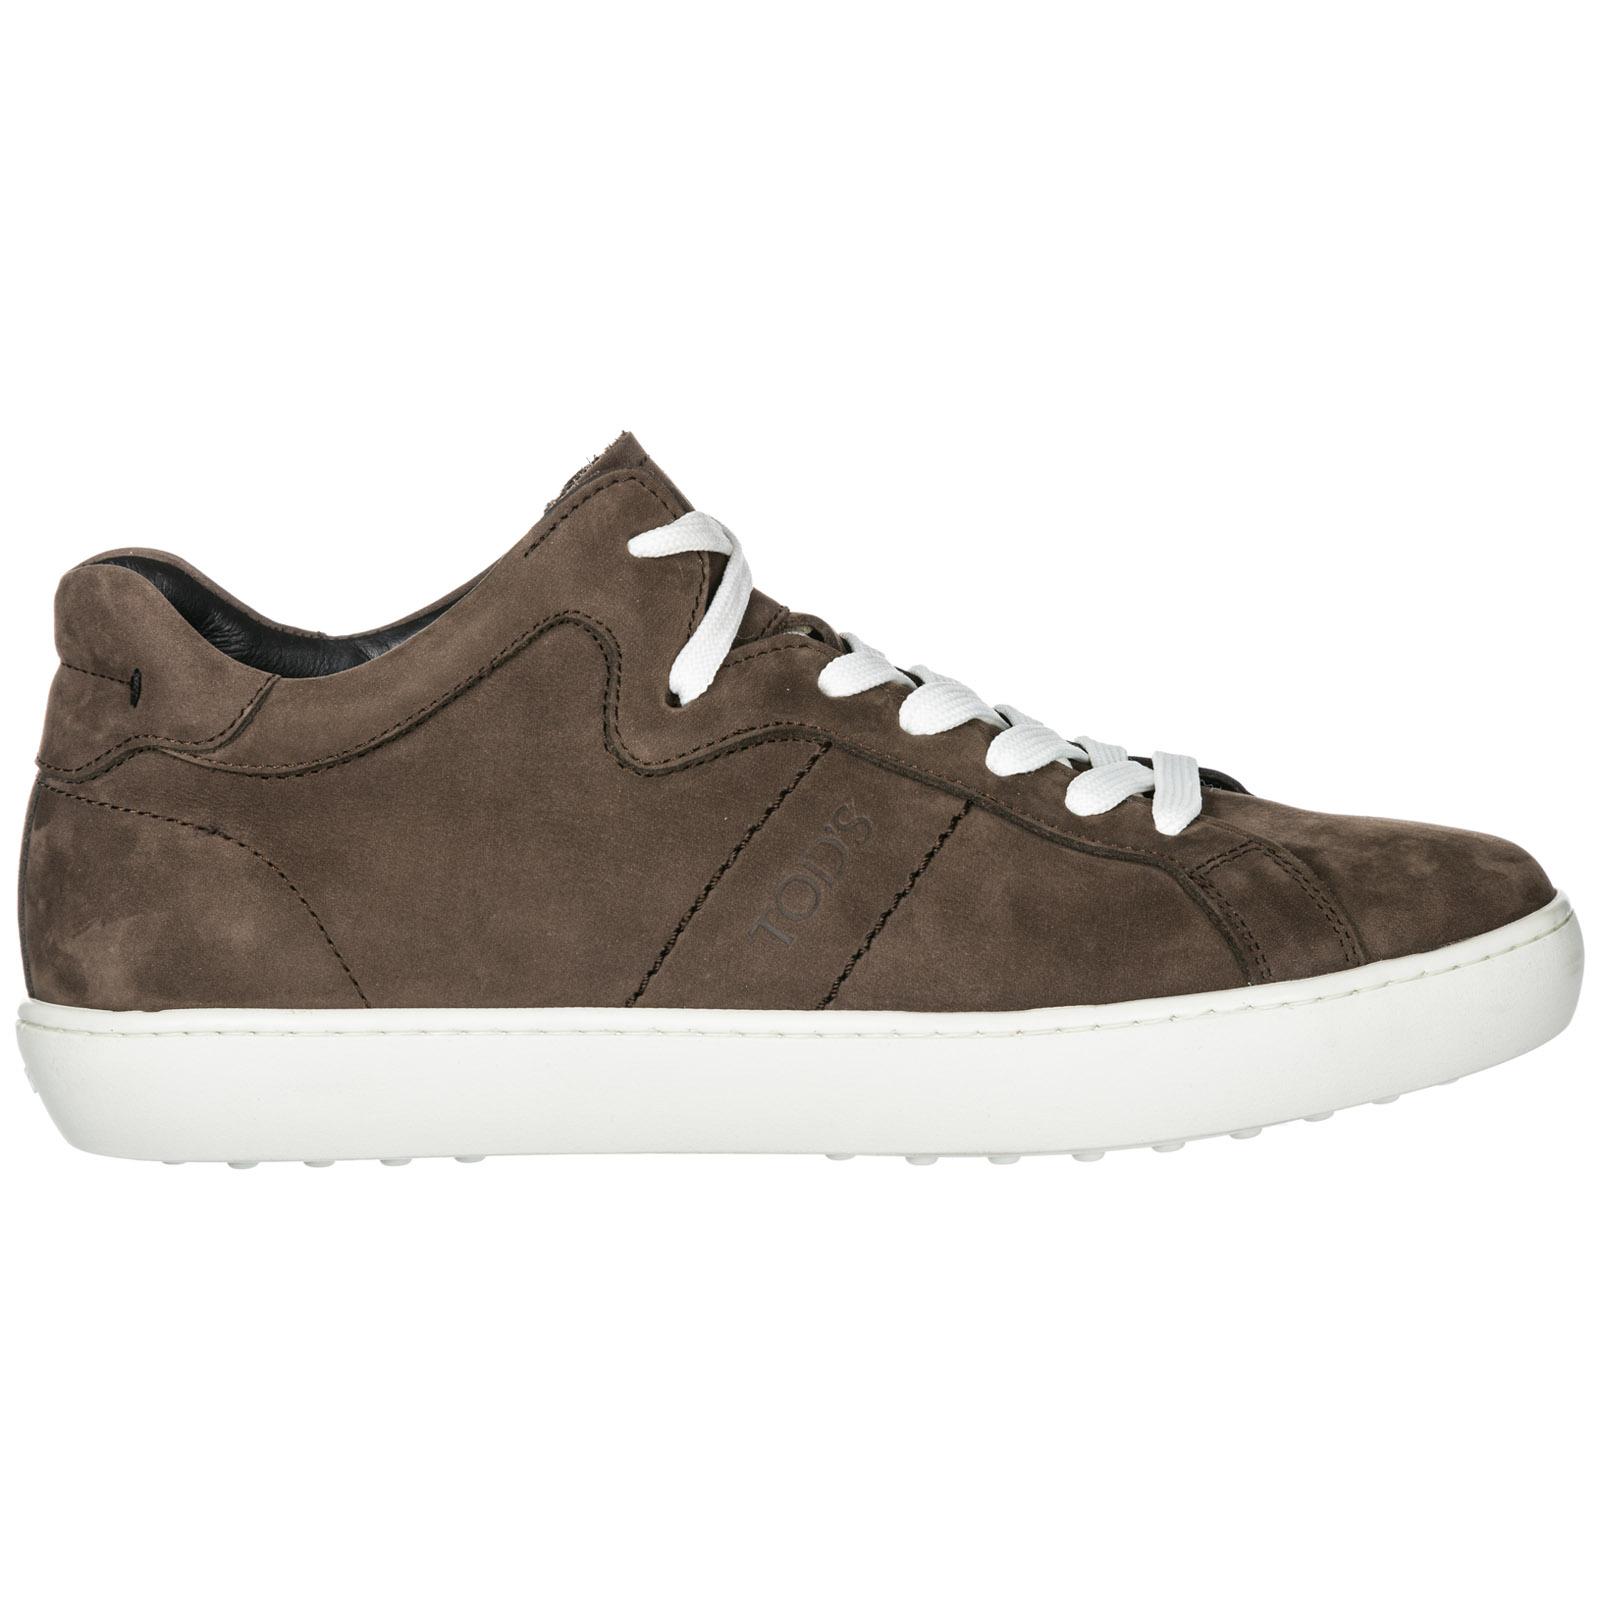 Chaussures baskets sneakers homme en daim